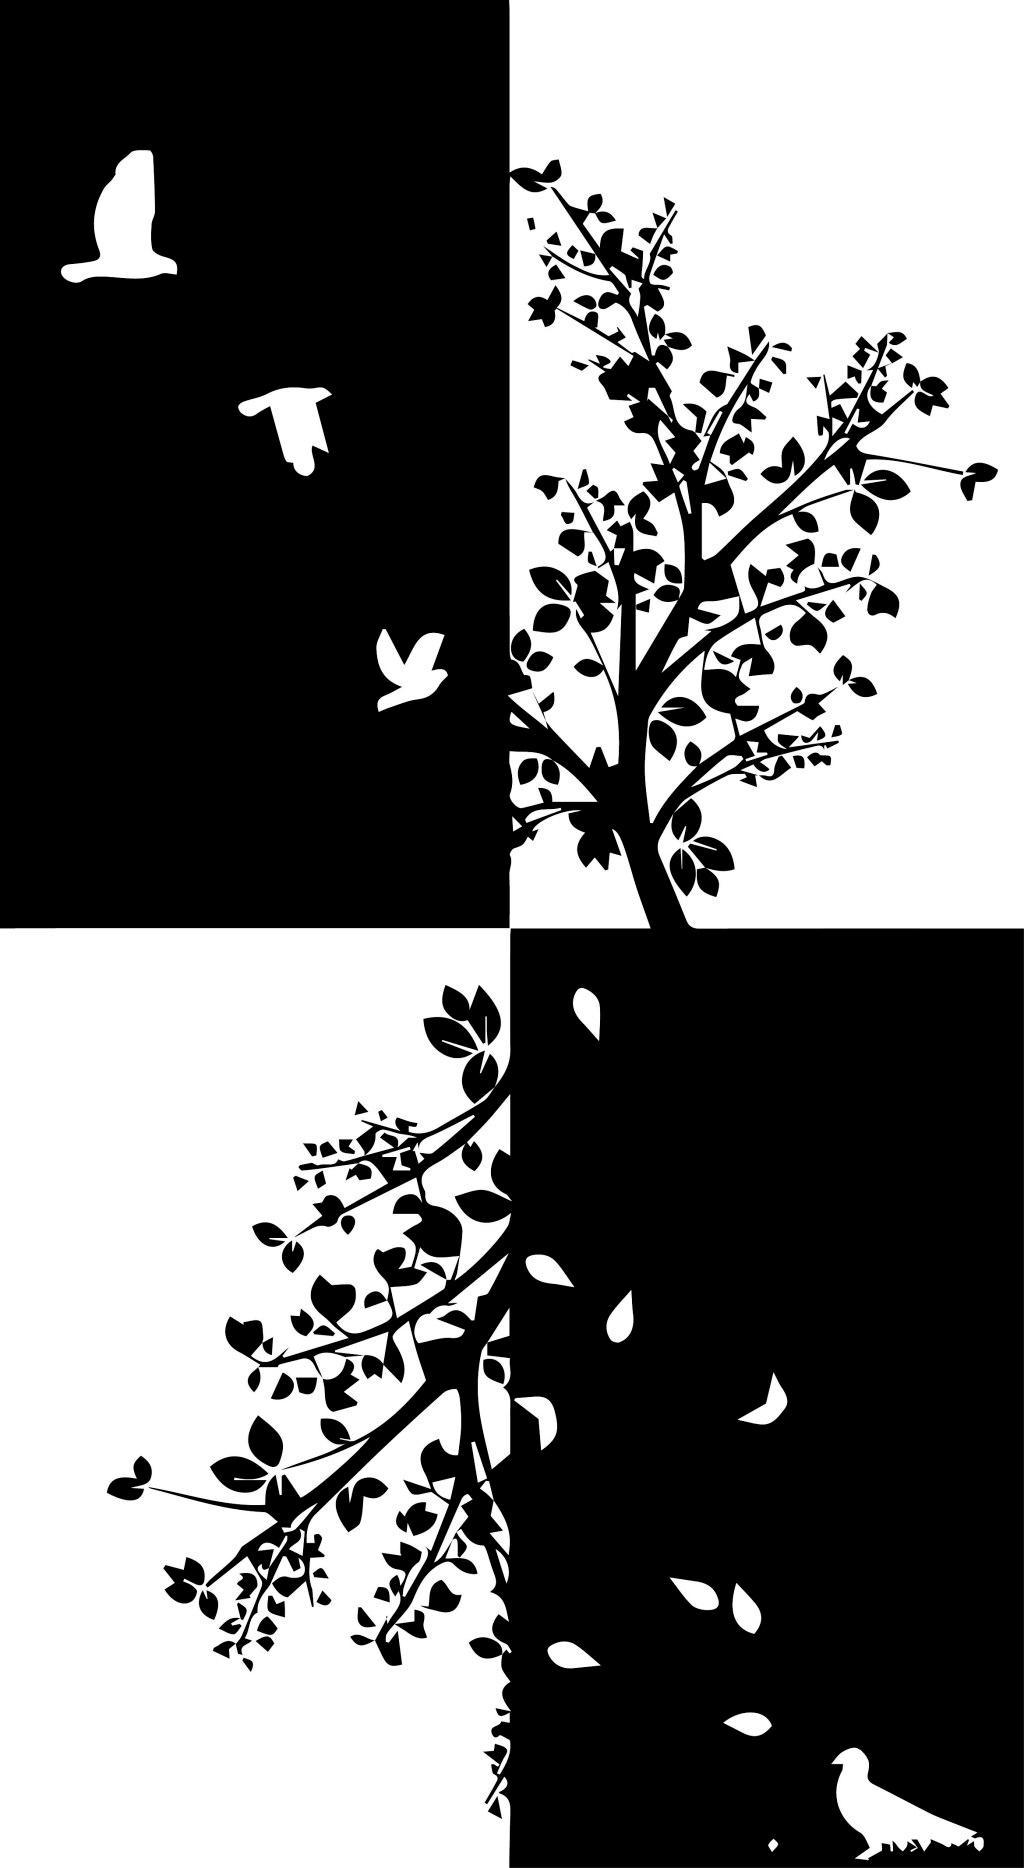 黑白装饰画 装饰画 风景 植物 动物 底稿 黑稿 墙画 鸟 四格装饰画